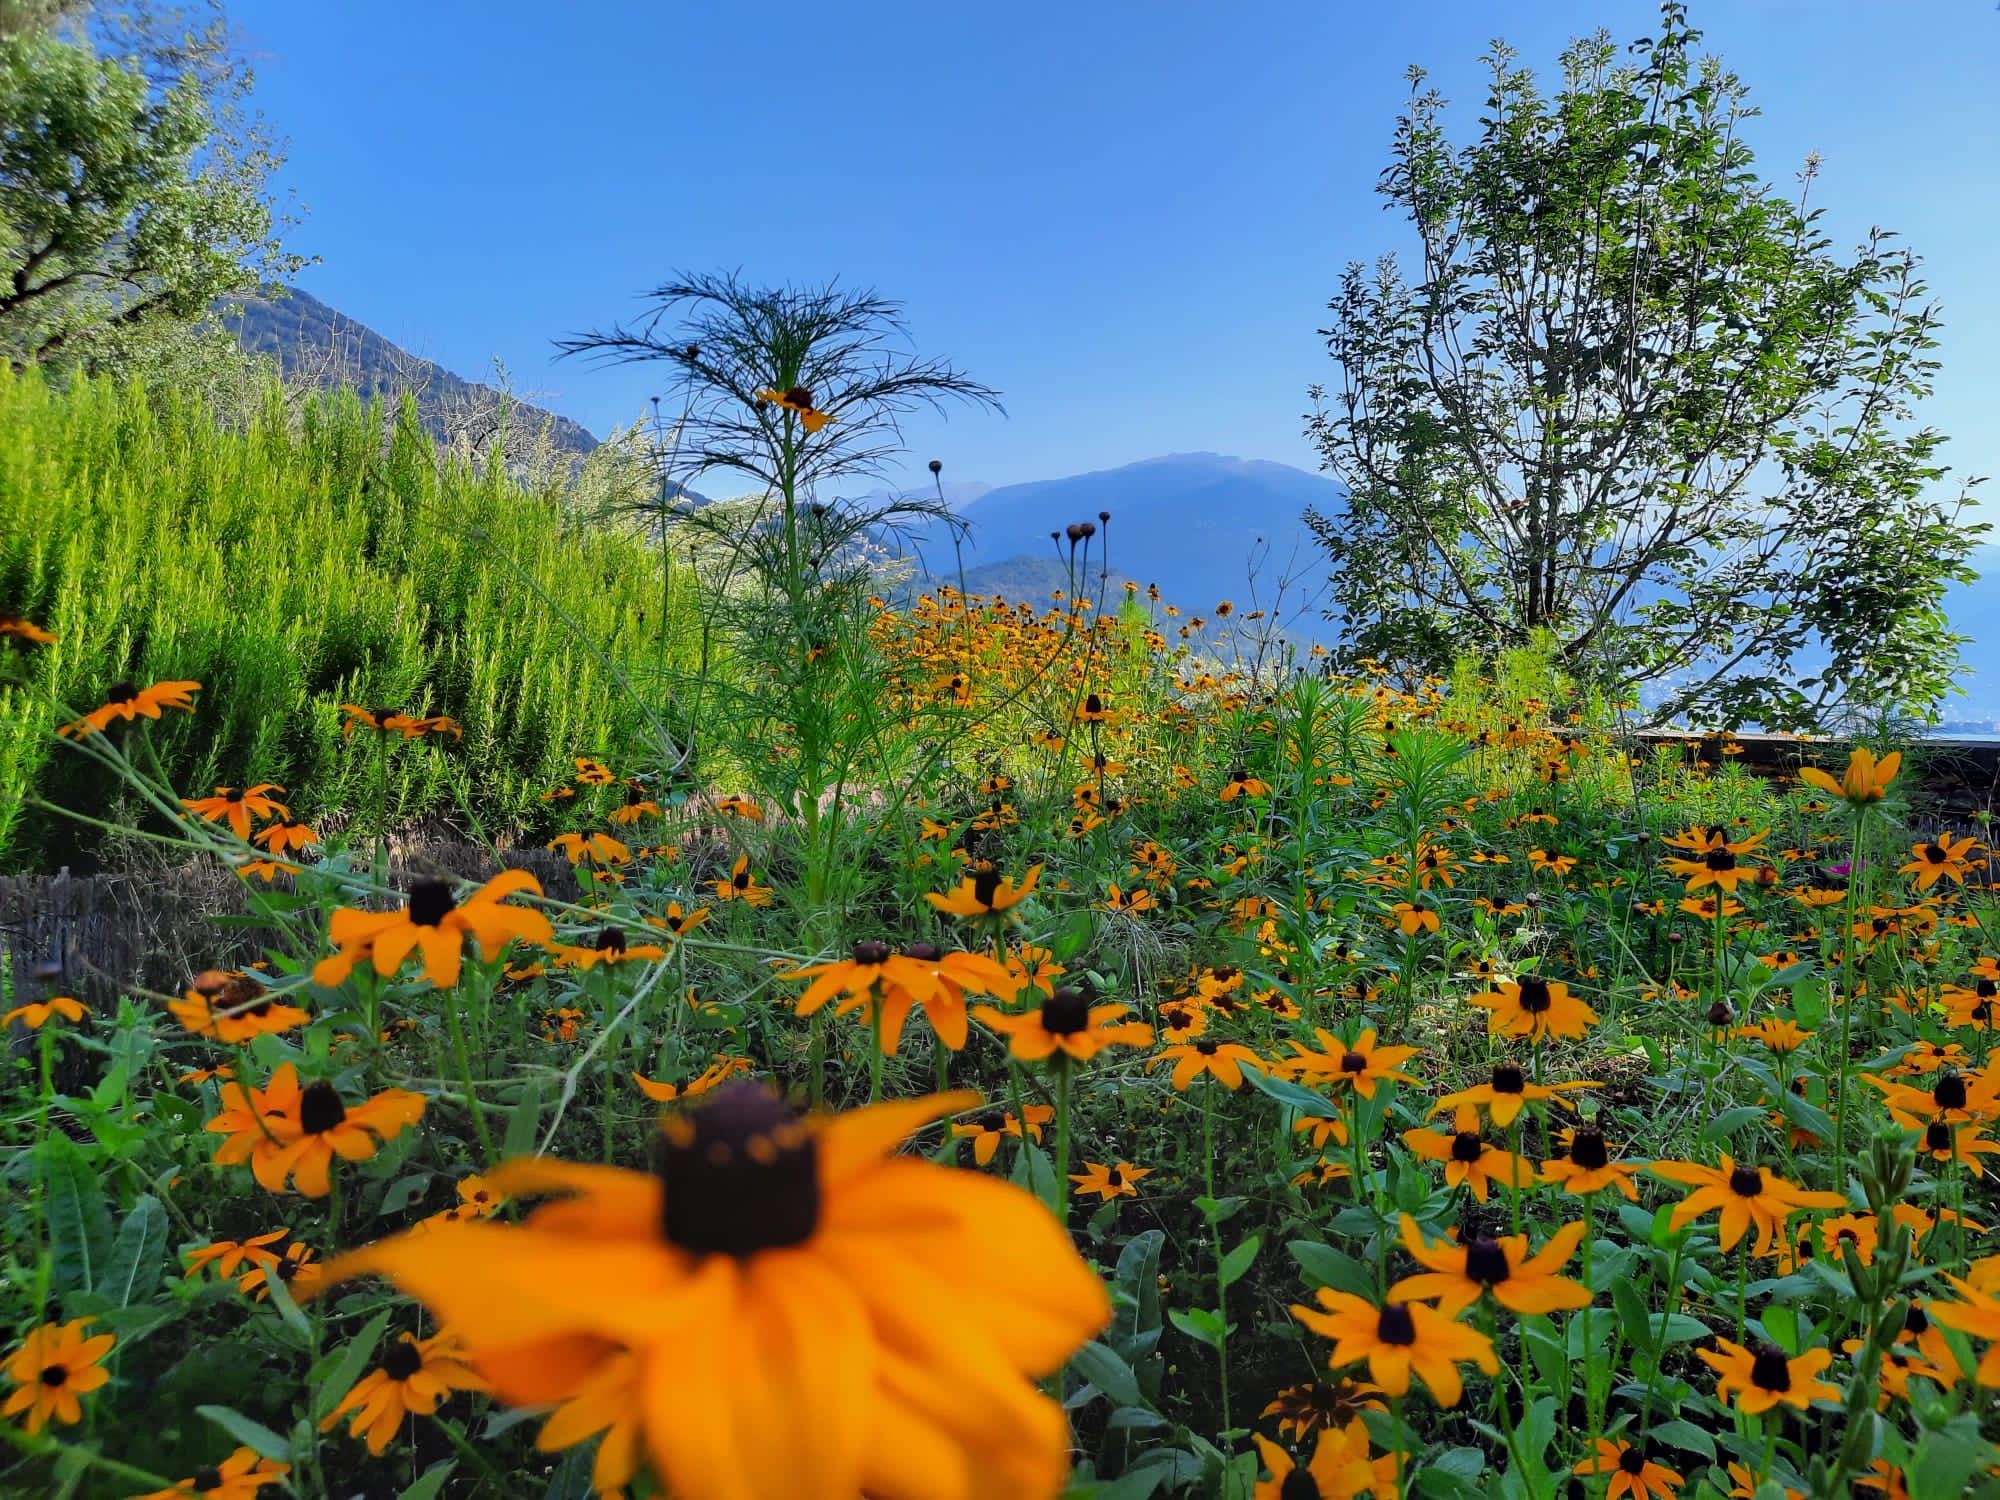 Flores, flores e mais flores colorem o jardim de Brissago.